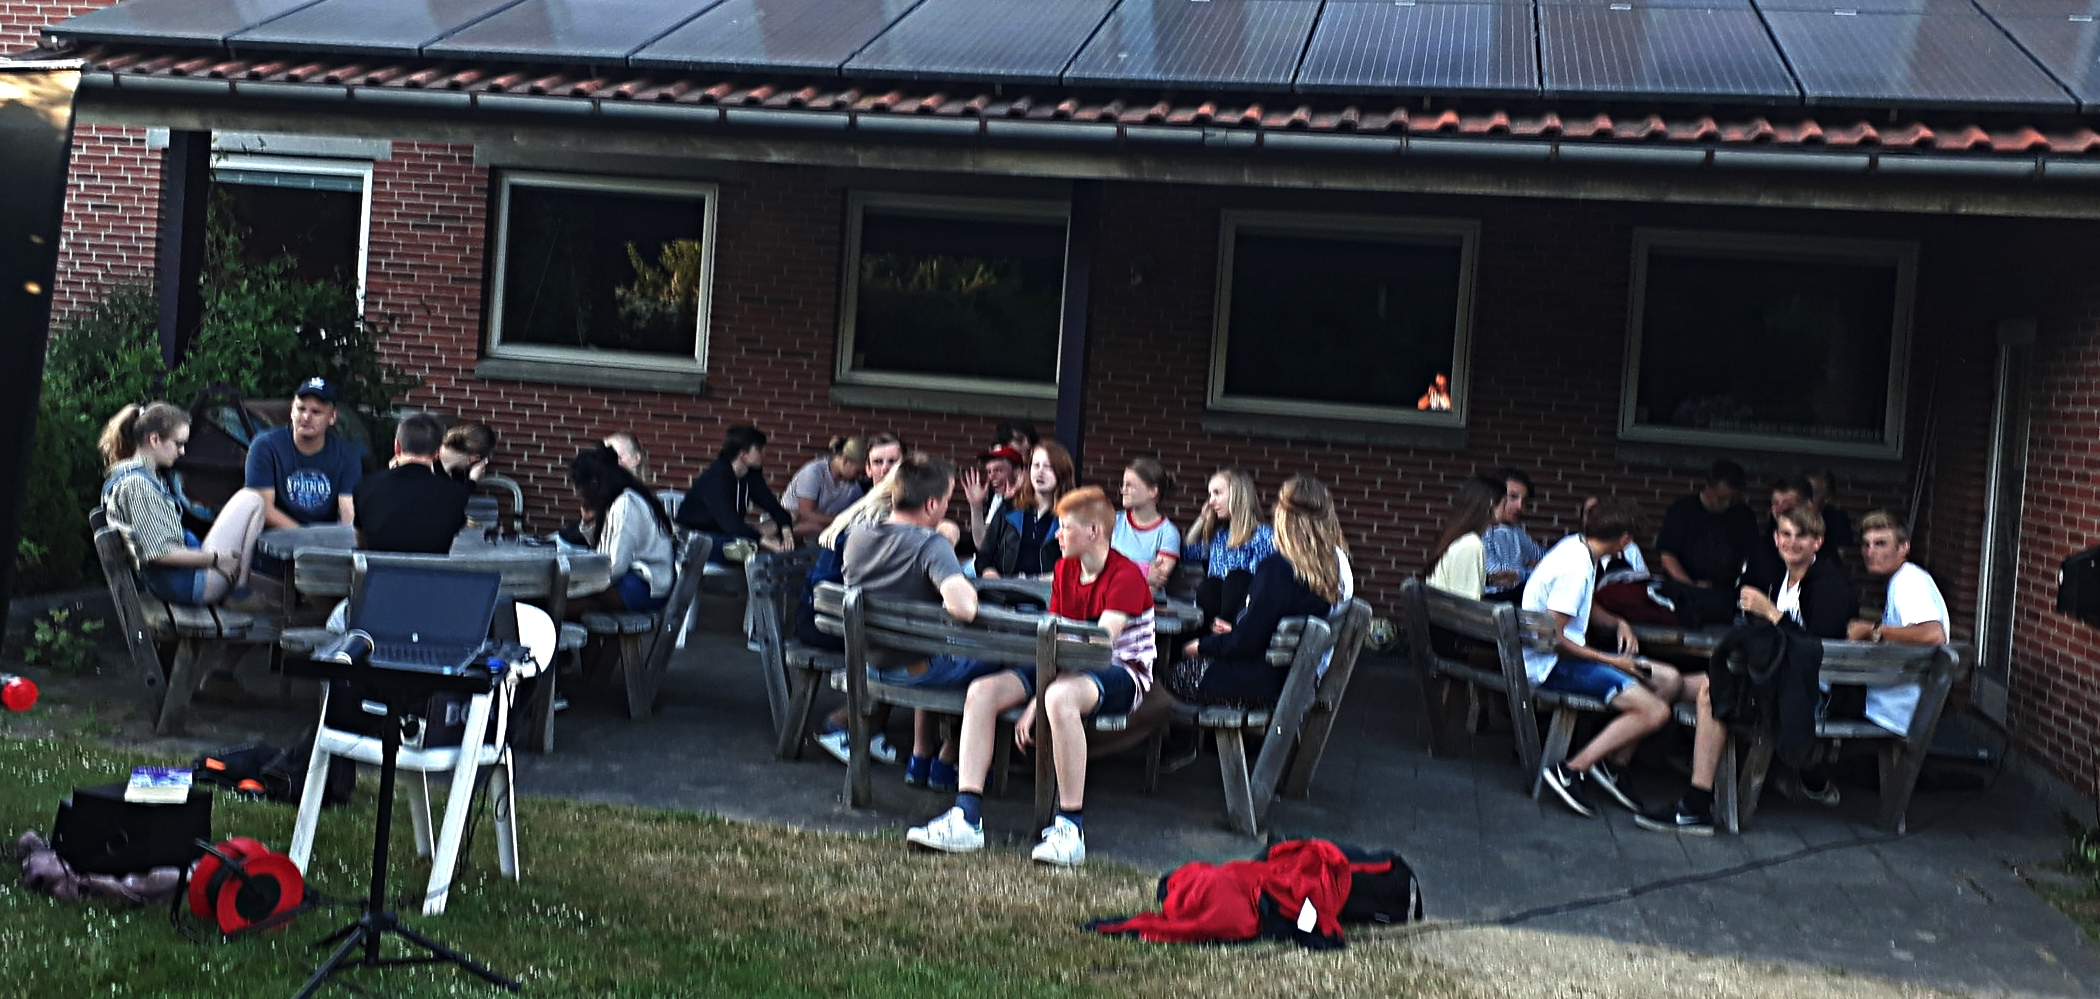 Er du gymnasieelev eller på en anden ungdomsuddannelse i Aarhus? Så vil vi i Gymkredsen gerne være fællesskab med dig!  Vi er en kristen gymnasieforening og fællesskab.  Lær mere om os  her . Og kom så og mød os:-)